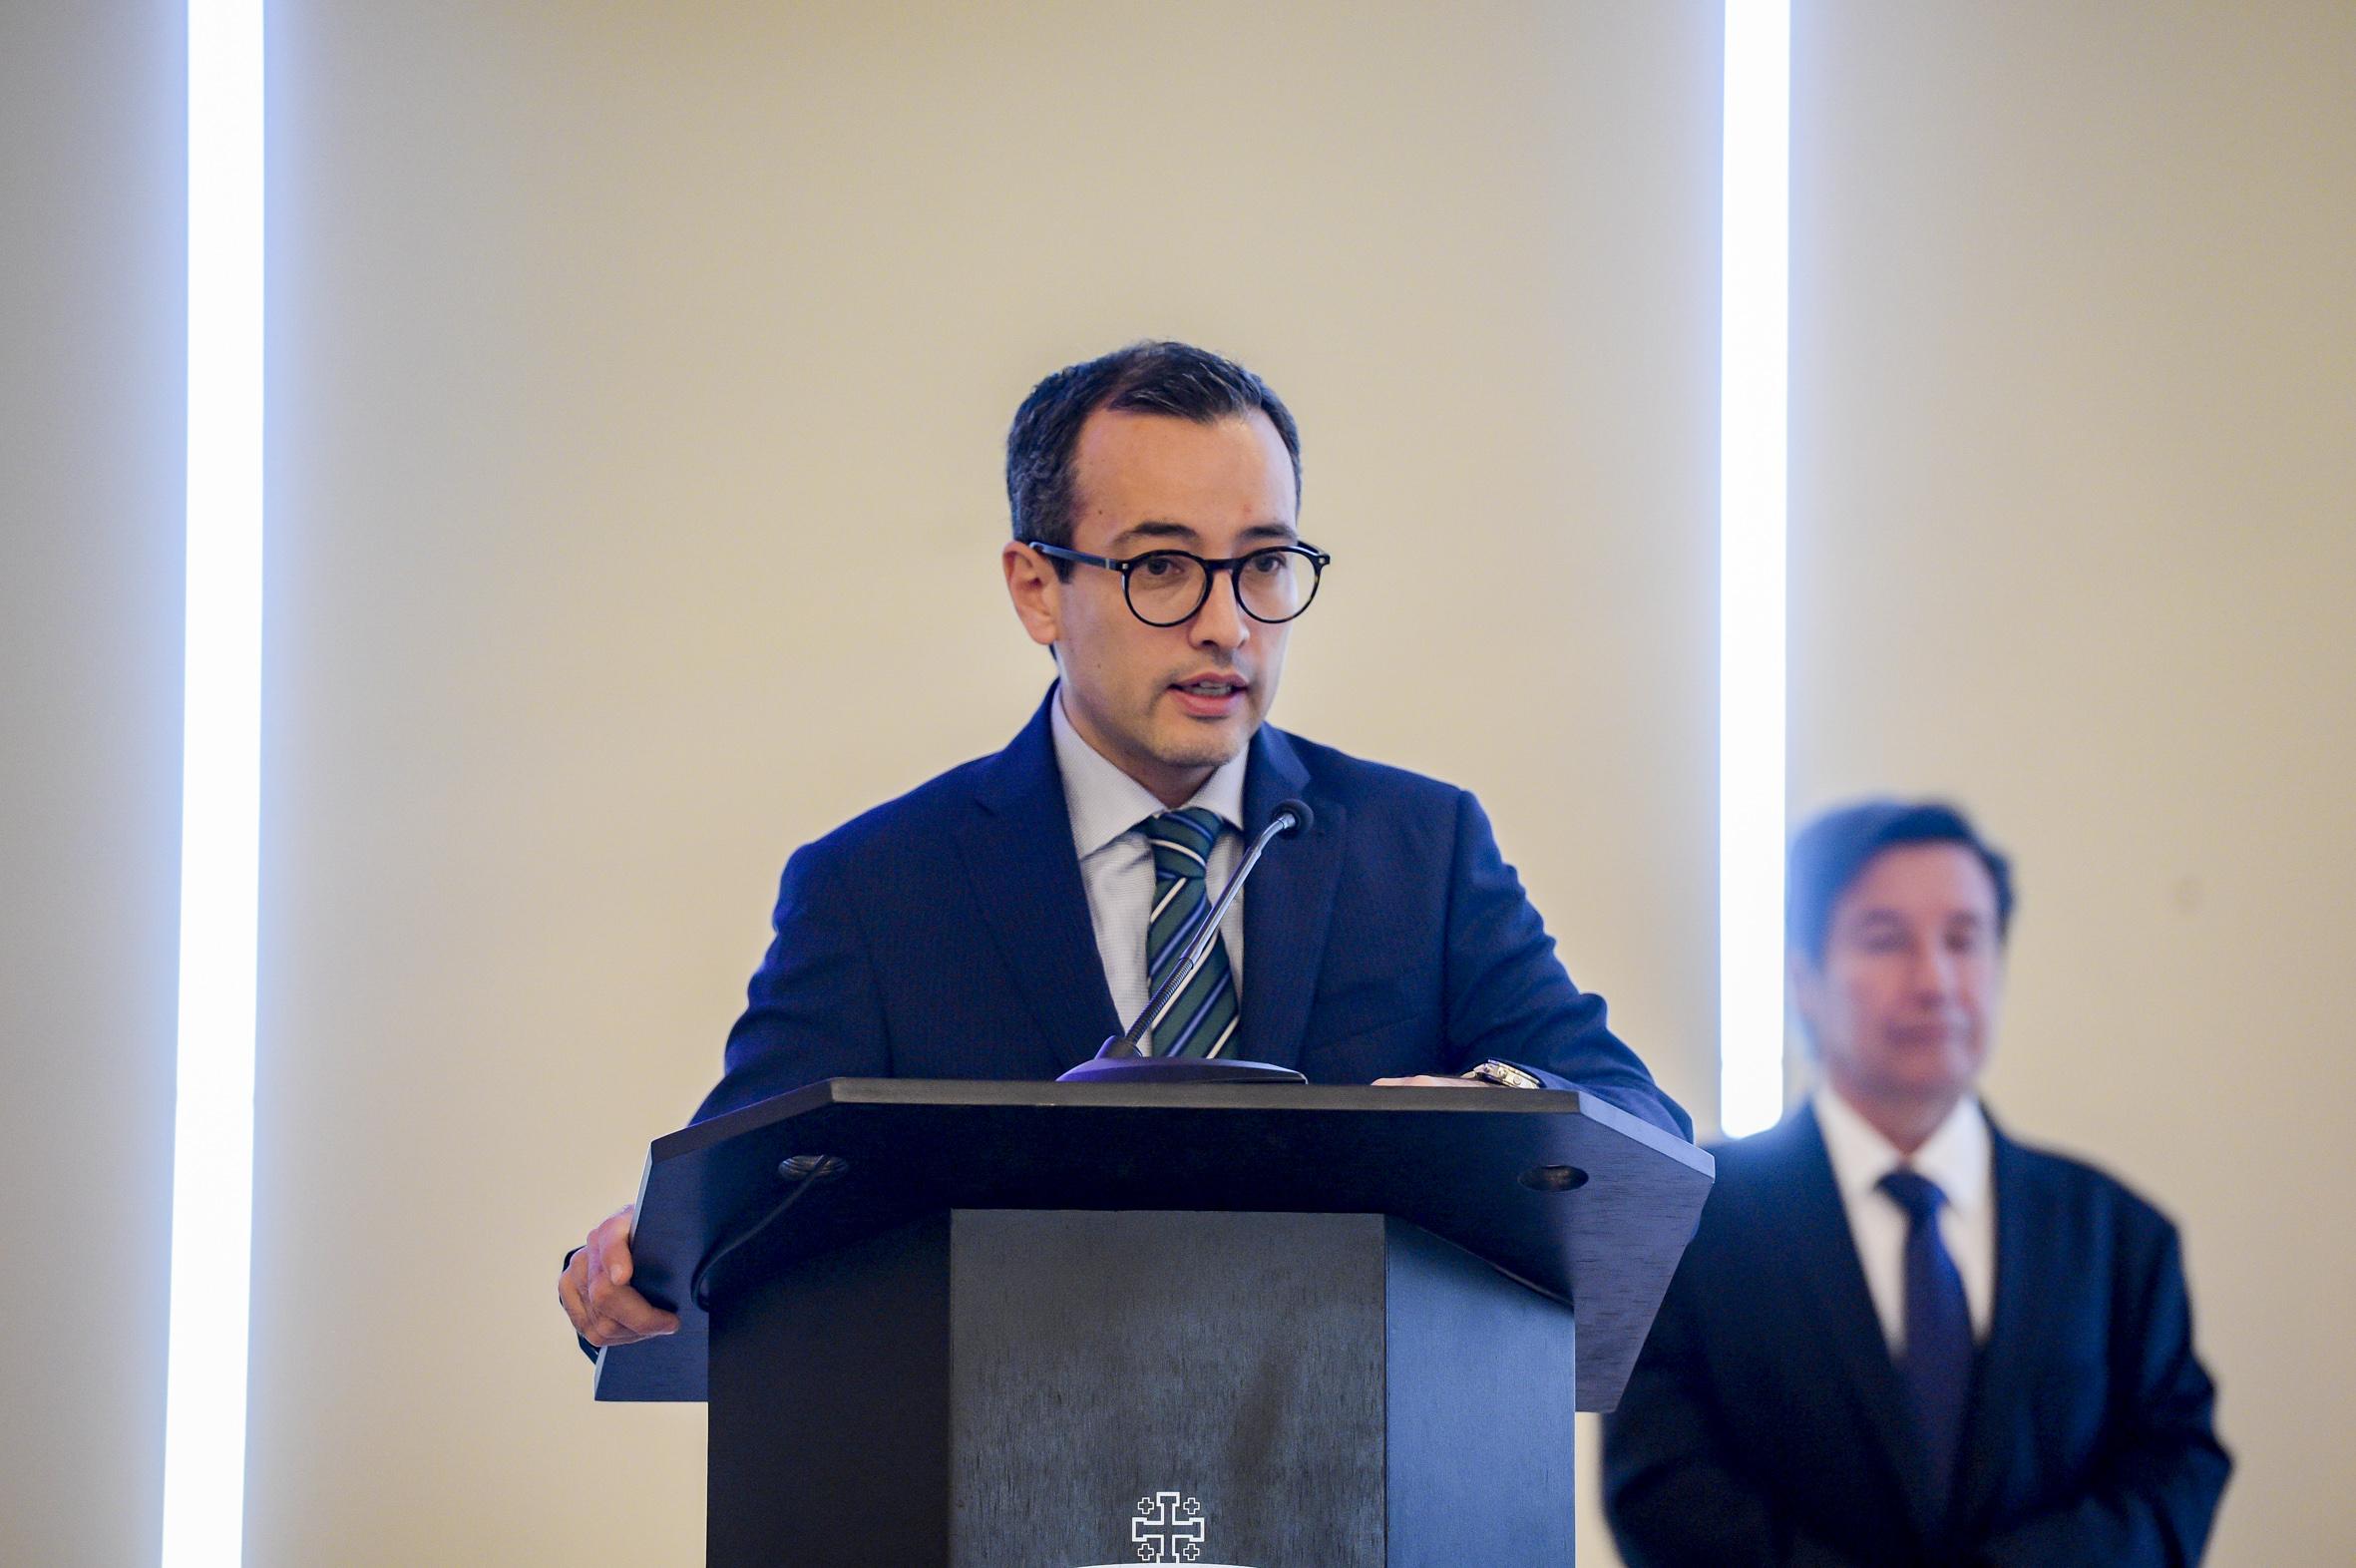 El Vicerrector Ejecutivo de la UdeG, doctor Carlos Iván Moreno Arellano al microfono